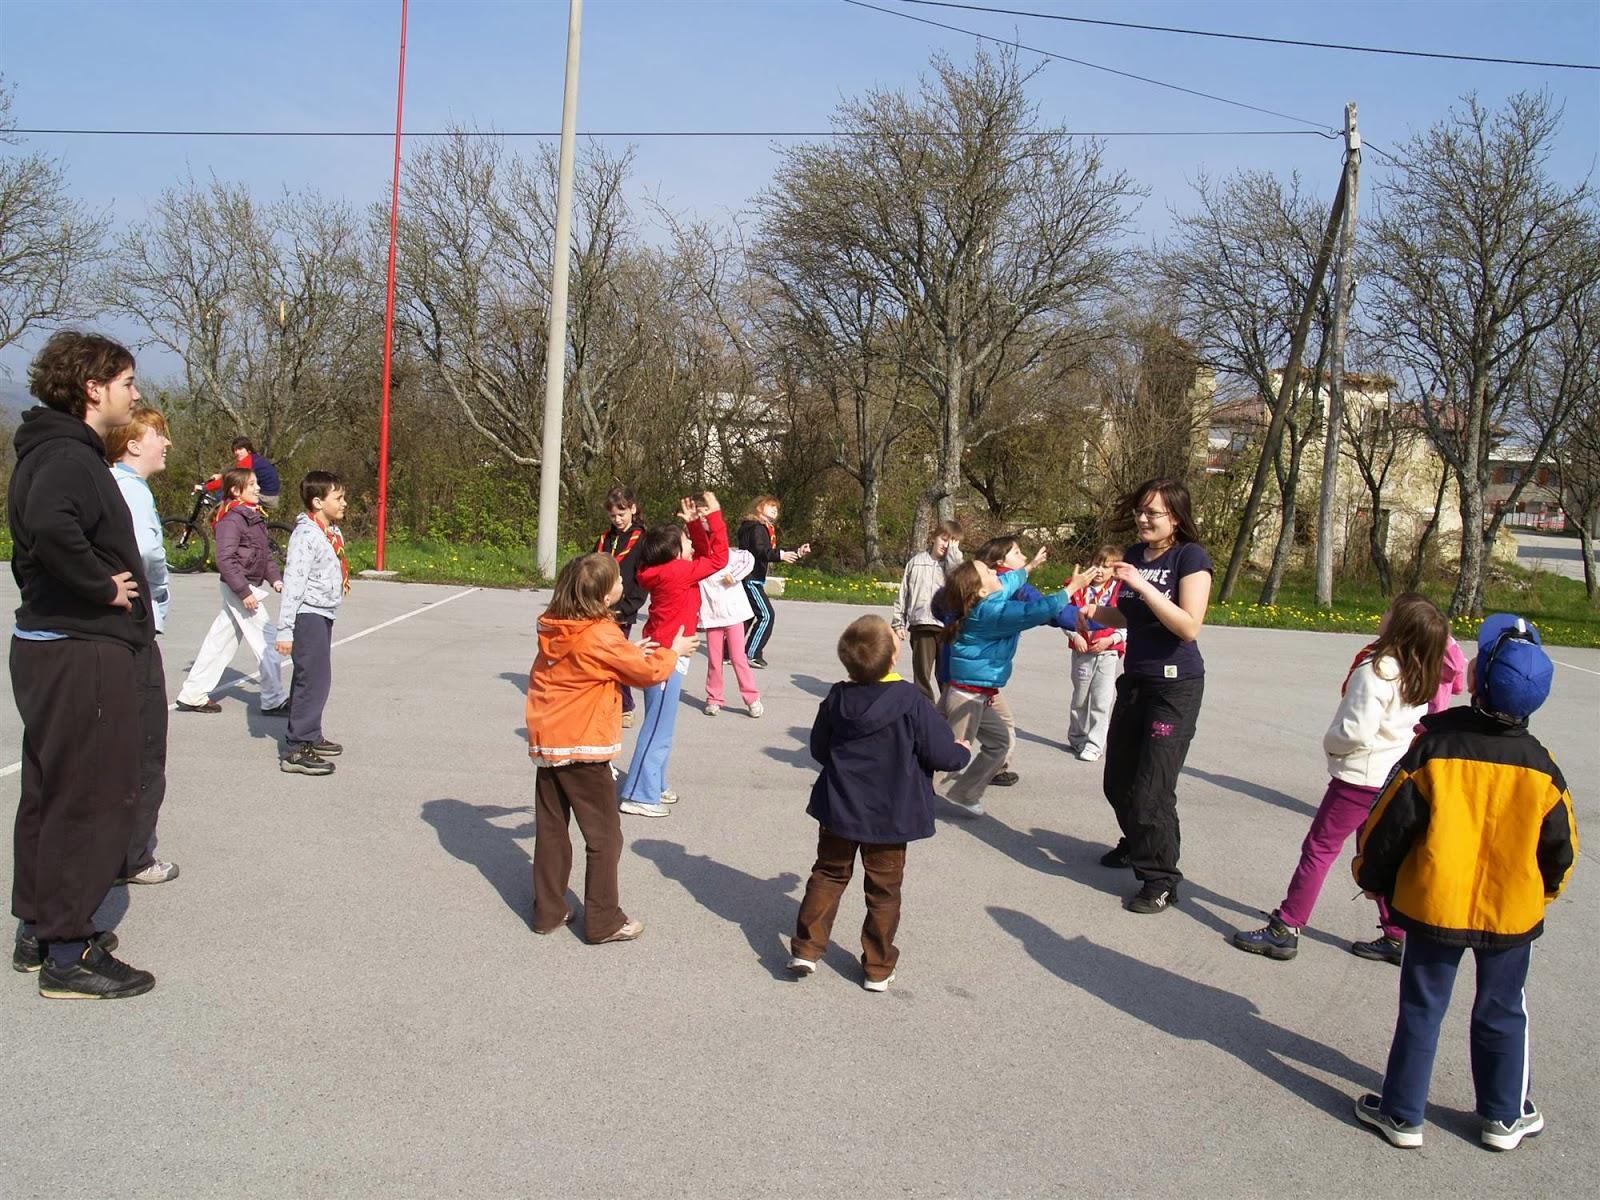 Ekstrem GG in spomladovanje MČ, Ilirska Bistrica 2010 - _0256844.JPG